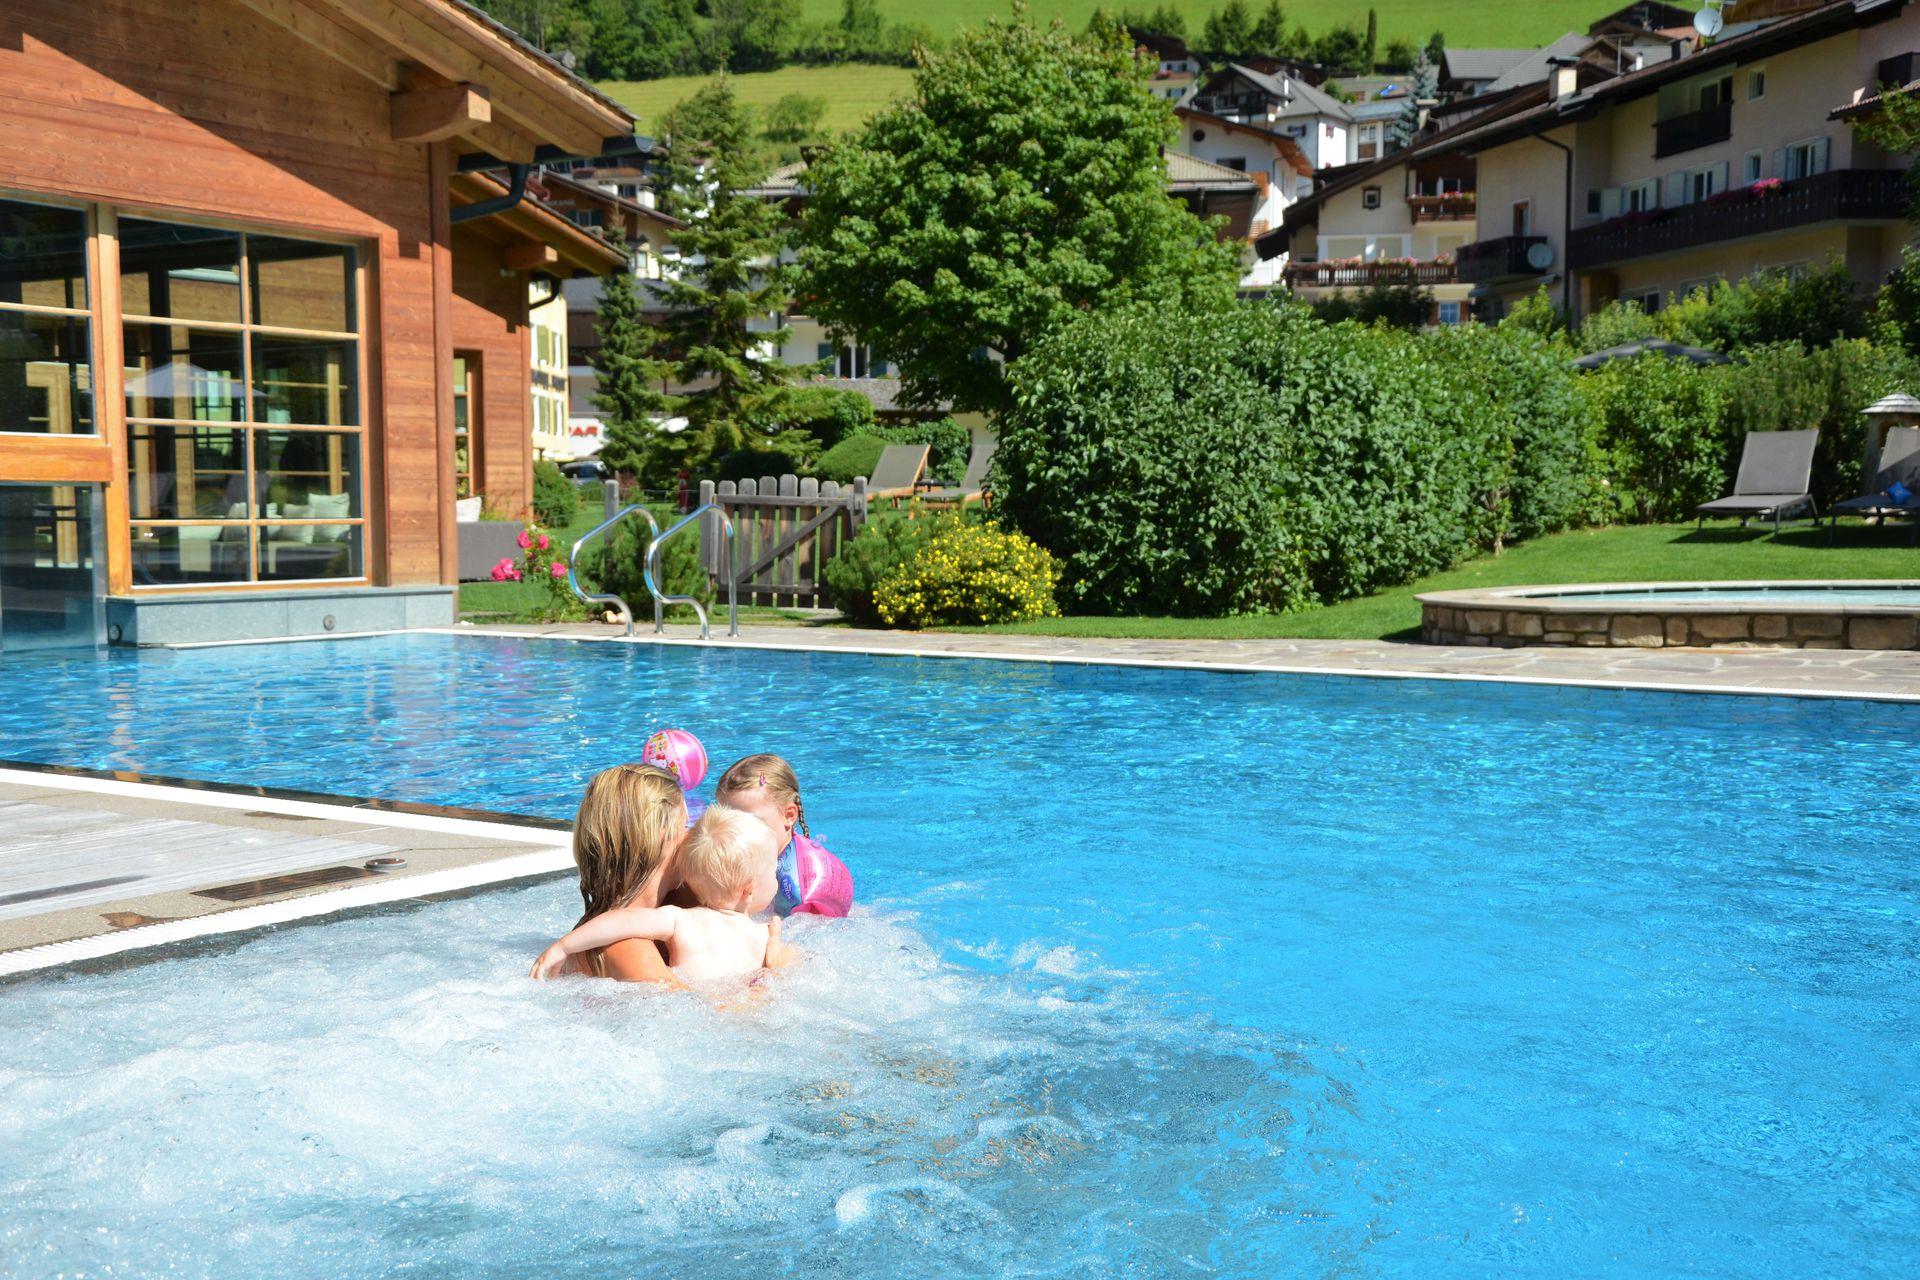 Hotel con piscina coperta per bambini in val gardena - Hotel con piscina riscaldata per bambini ...